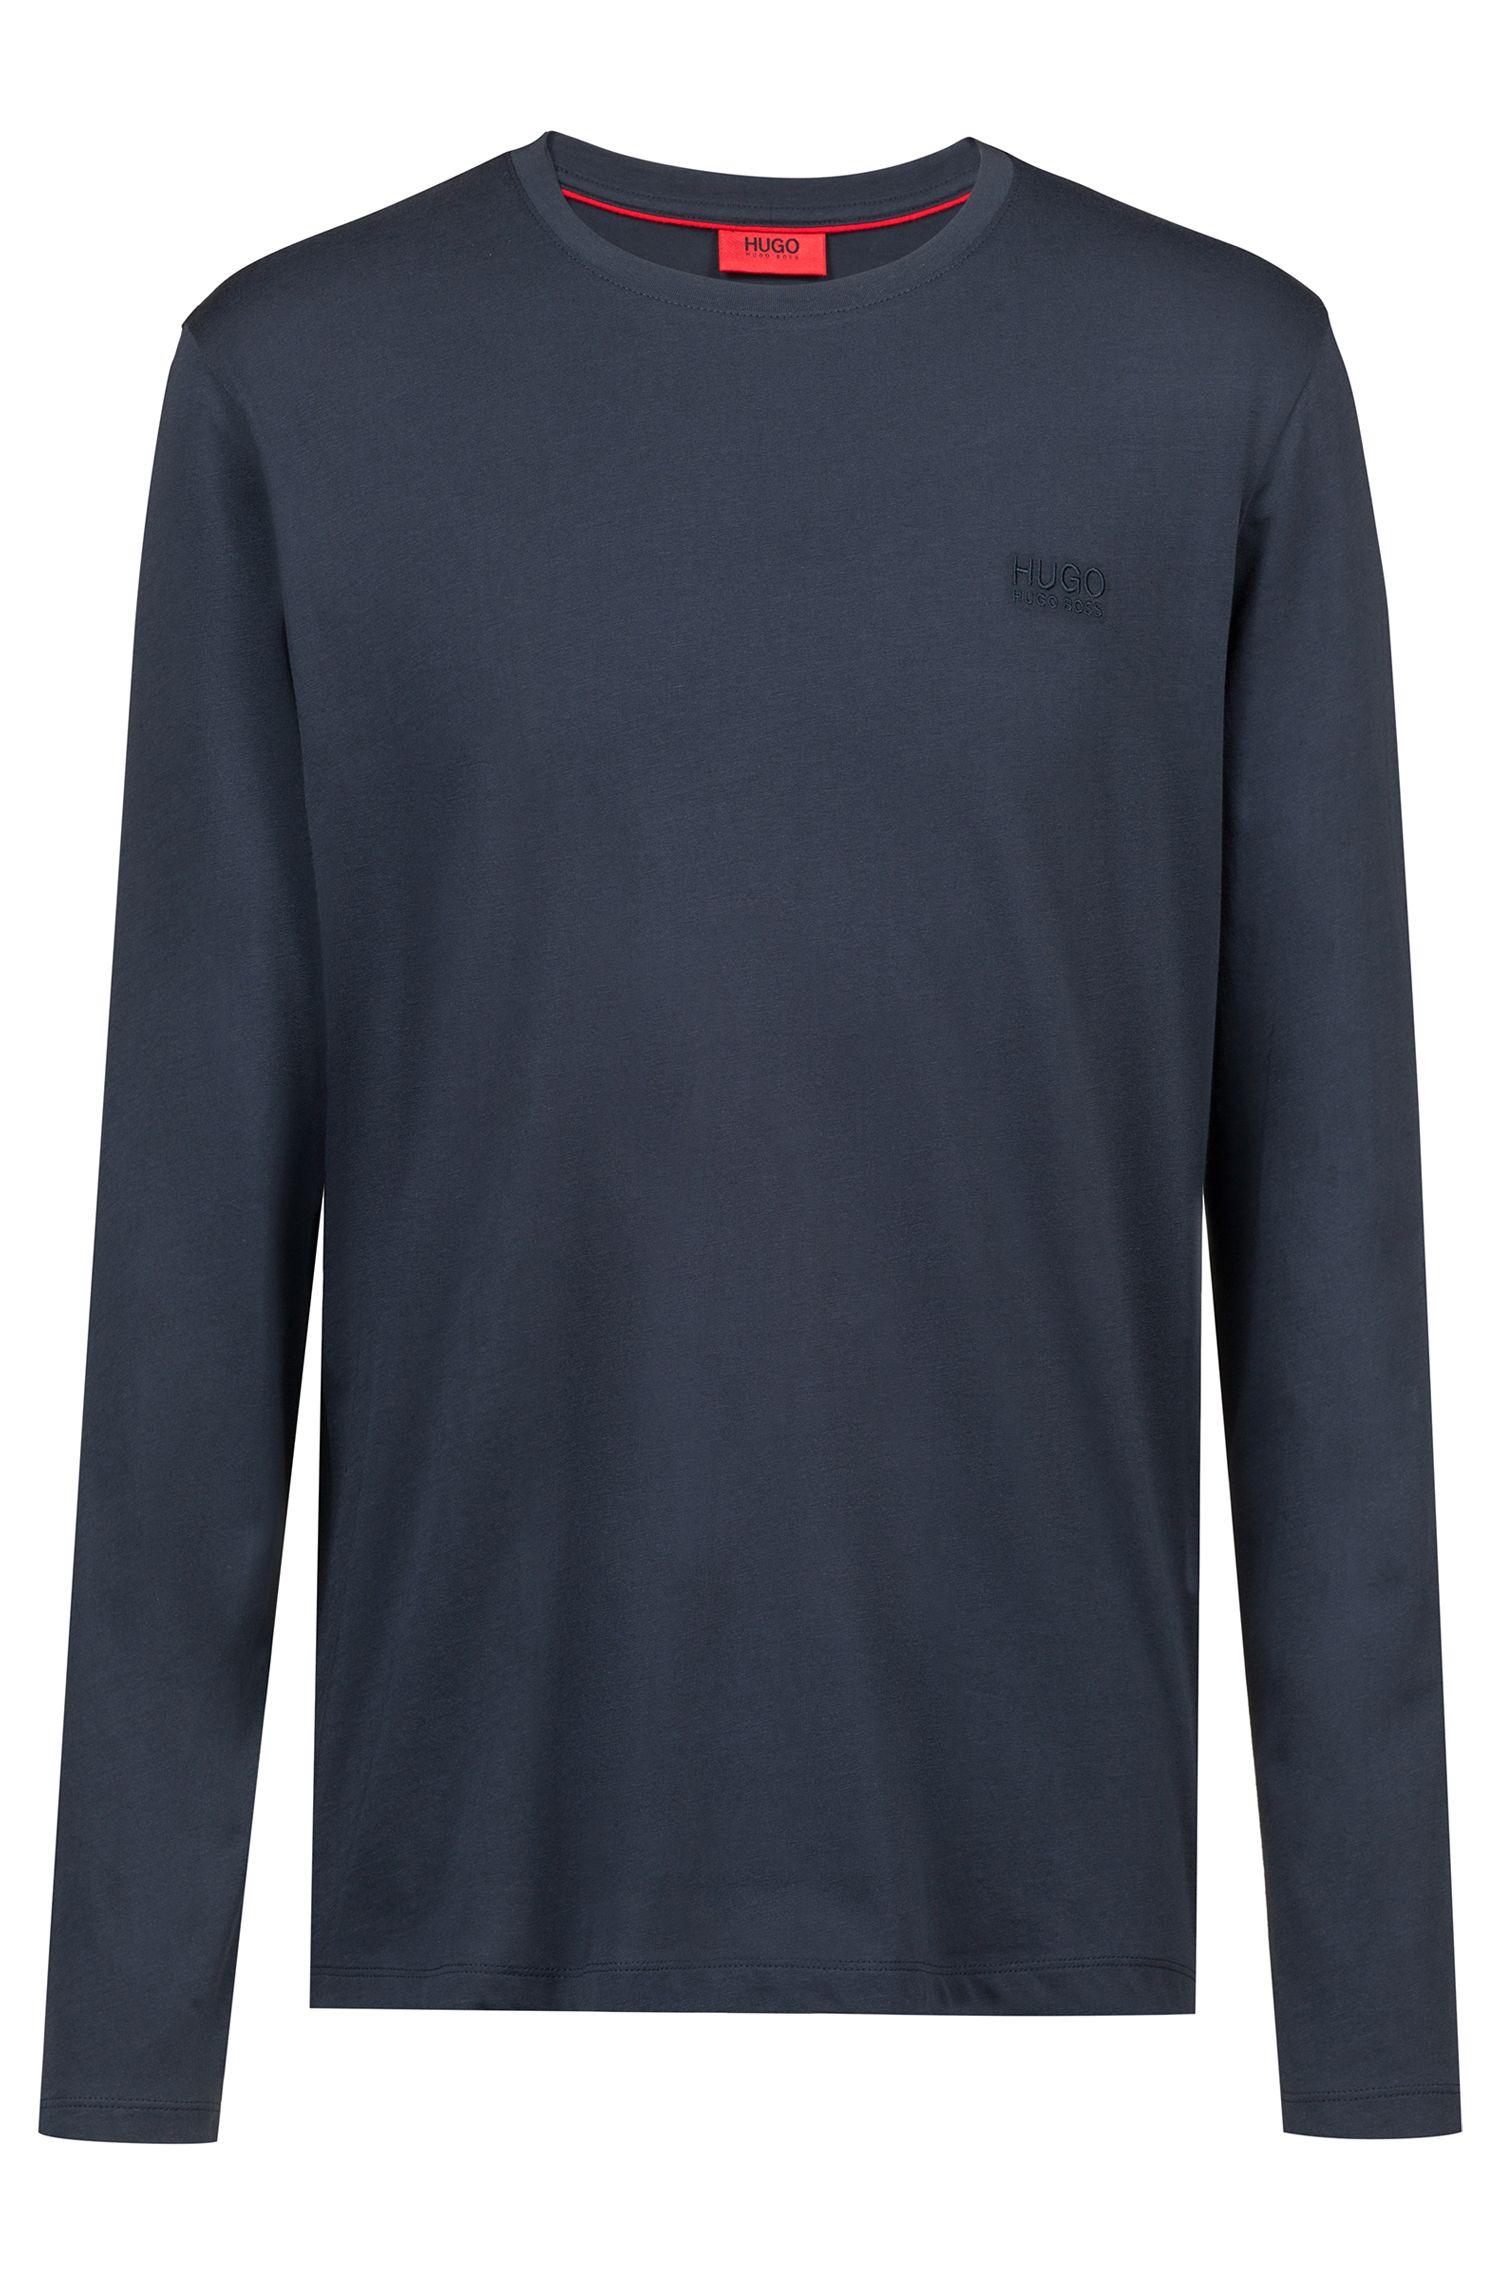 Sweatshirt aus Baumwolle mit Logo auf der Brust, Dunkelblau